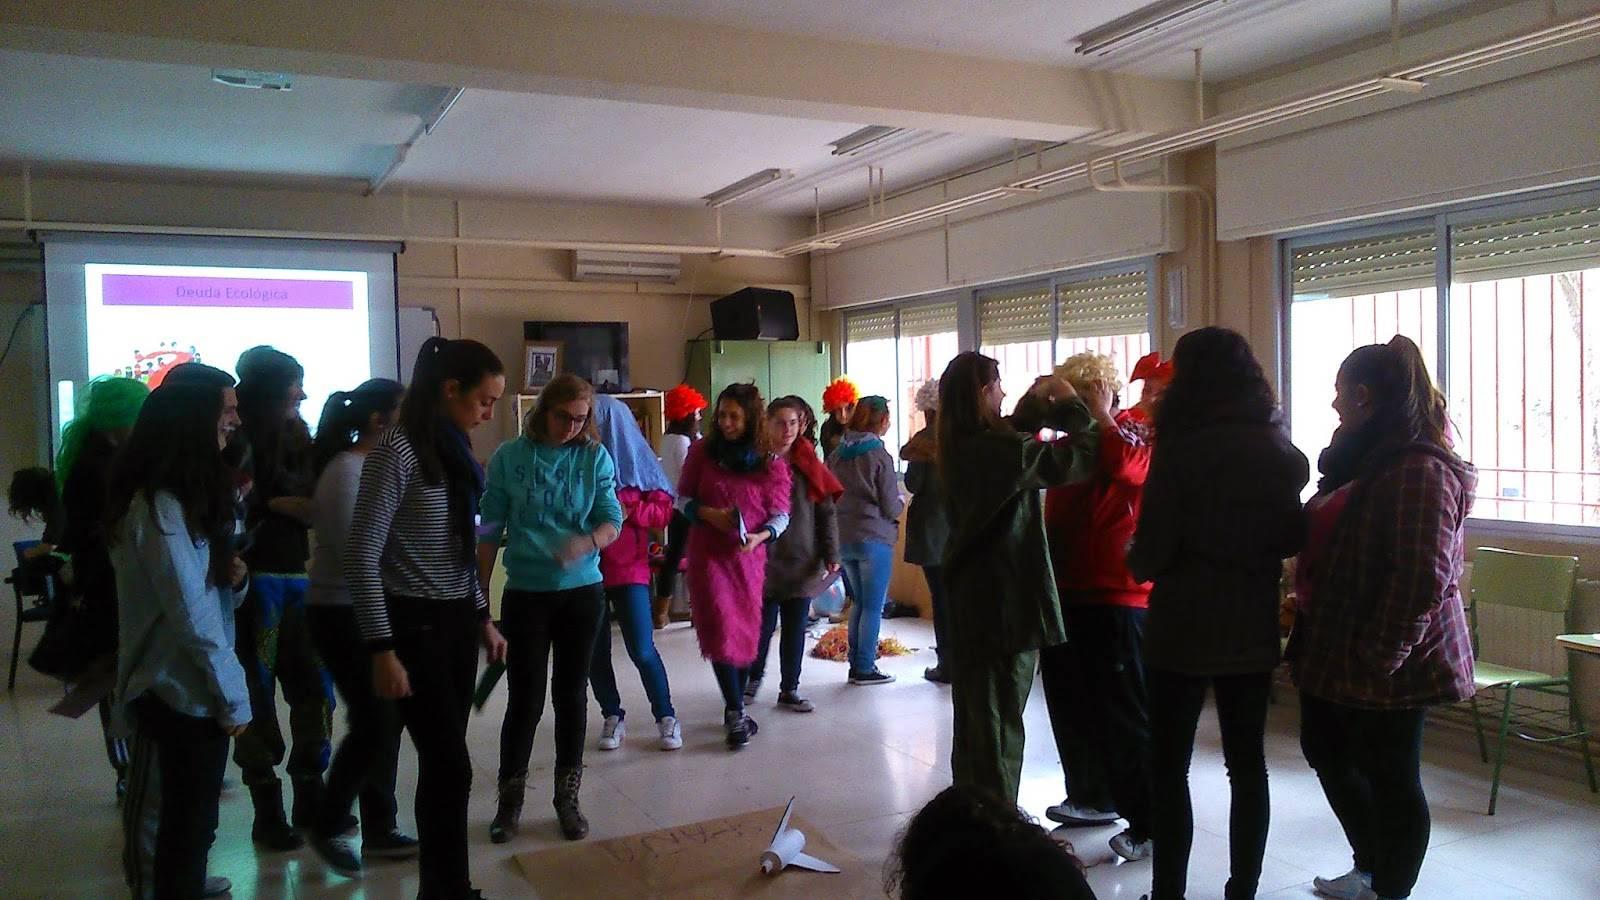 DSC 4418 - Anthropos celebra una jornada de educación medioambiental en el IES Hermógenes Rodríguez